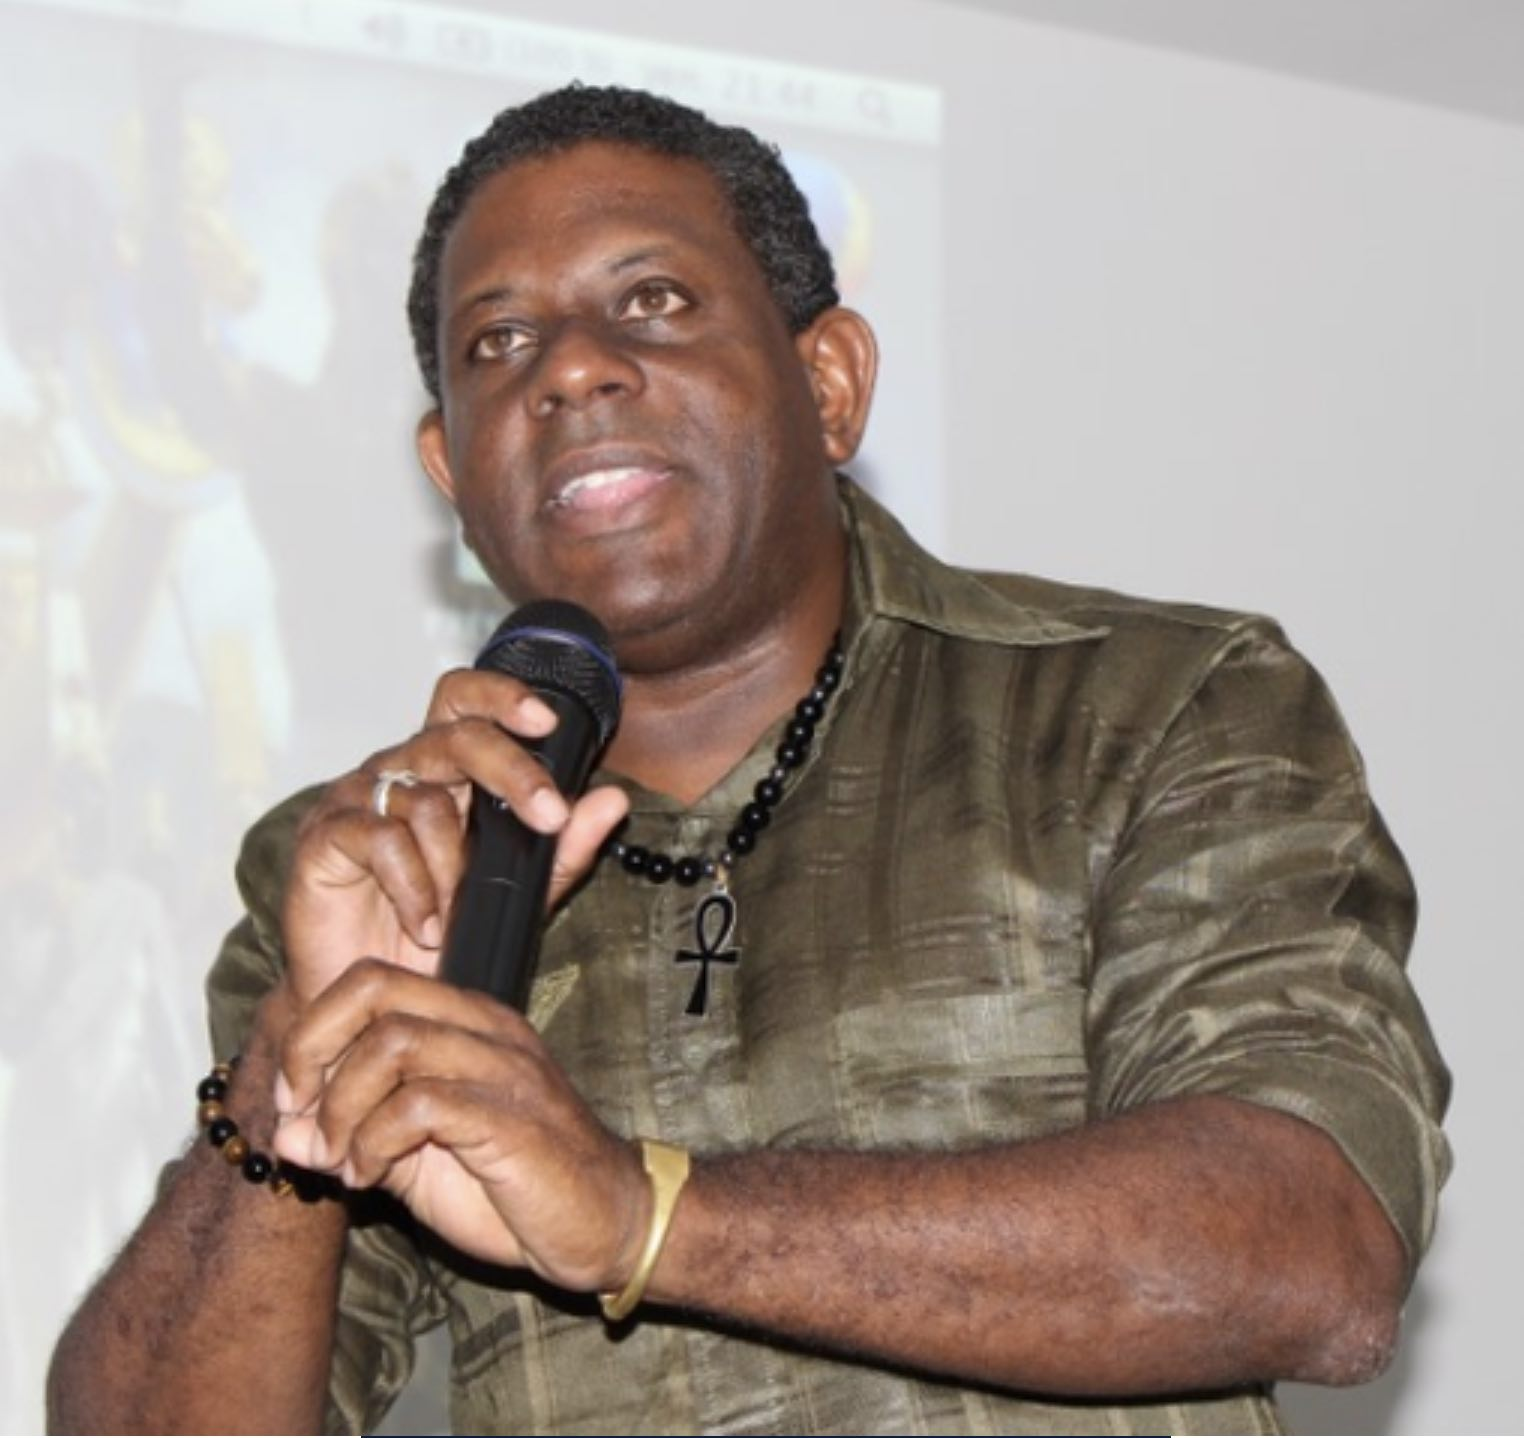 Afrique et ses nombreux apports : retour sur la conférence de Mr N.K OMOTUNDE  à Grand-Bourg